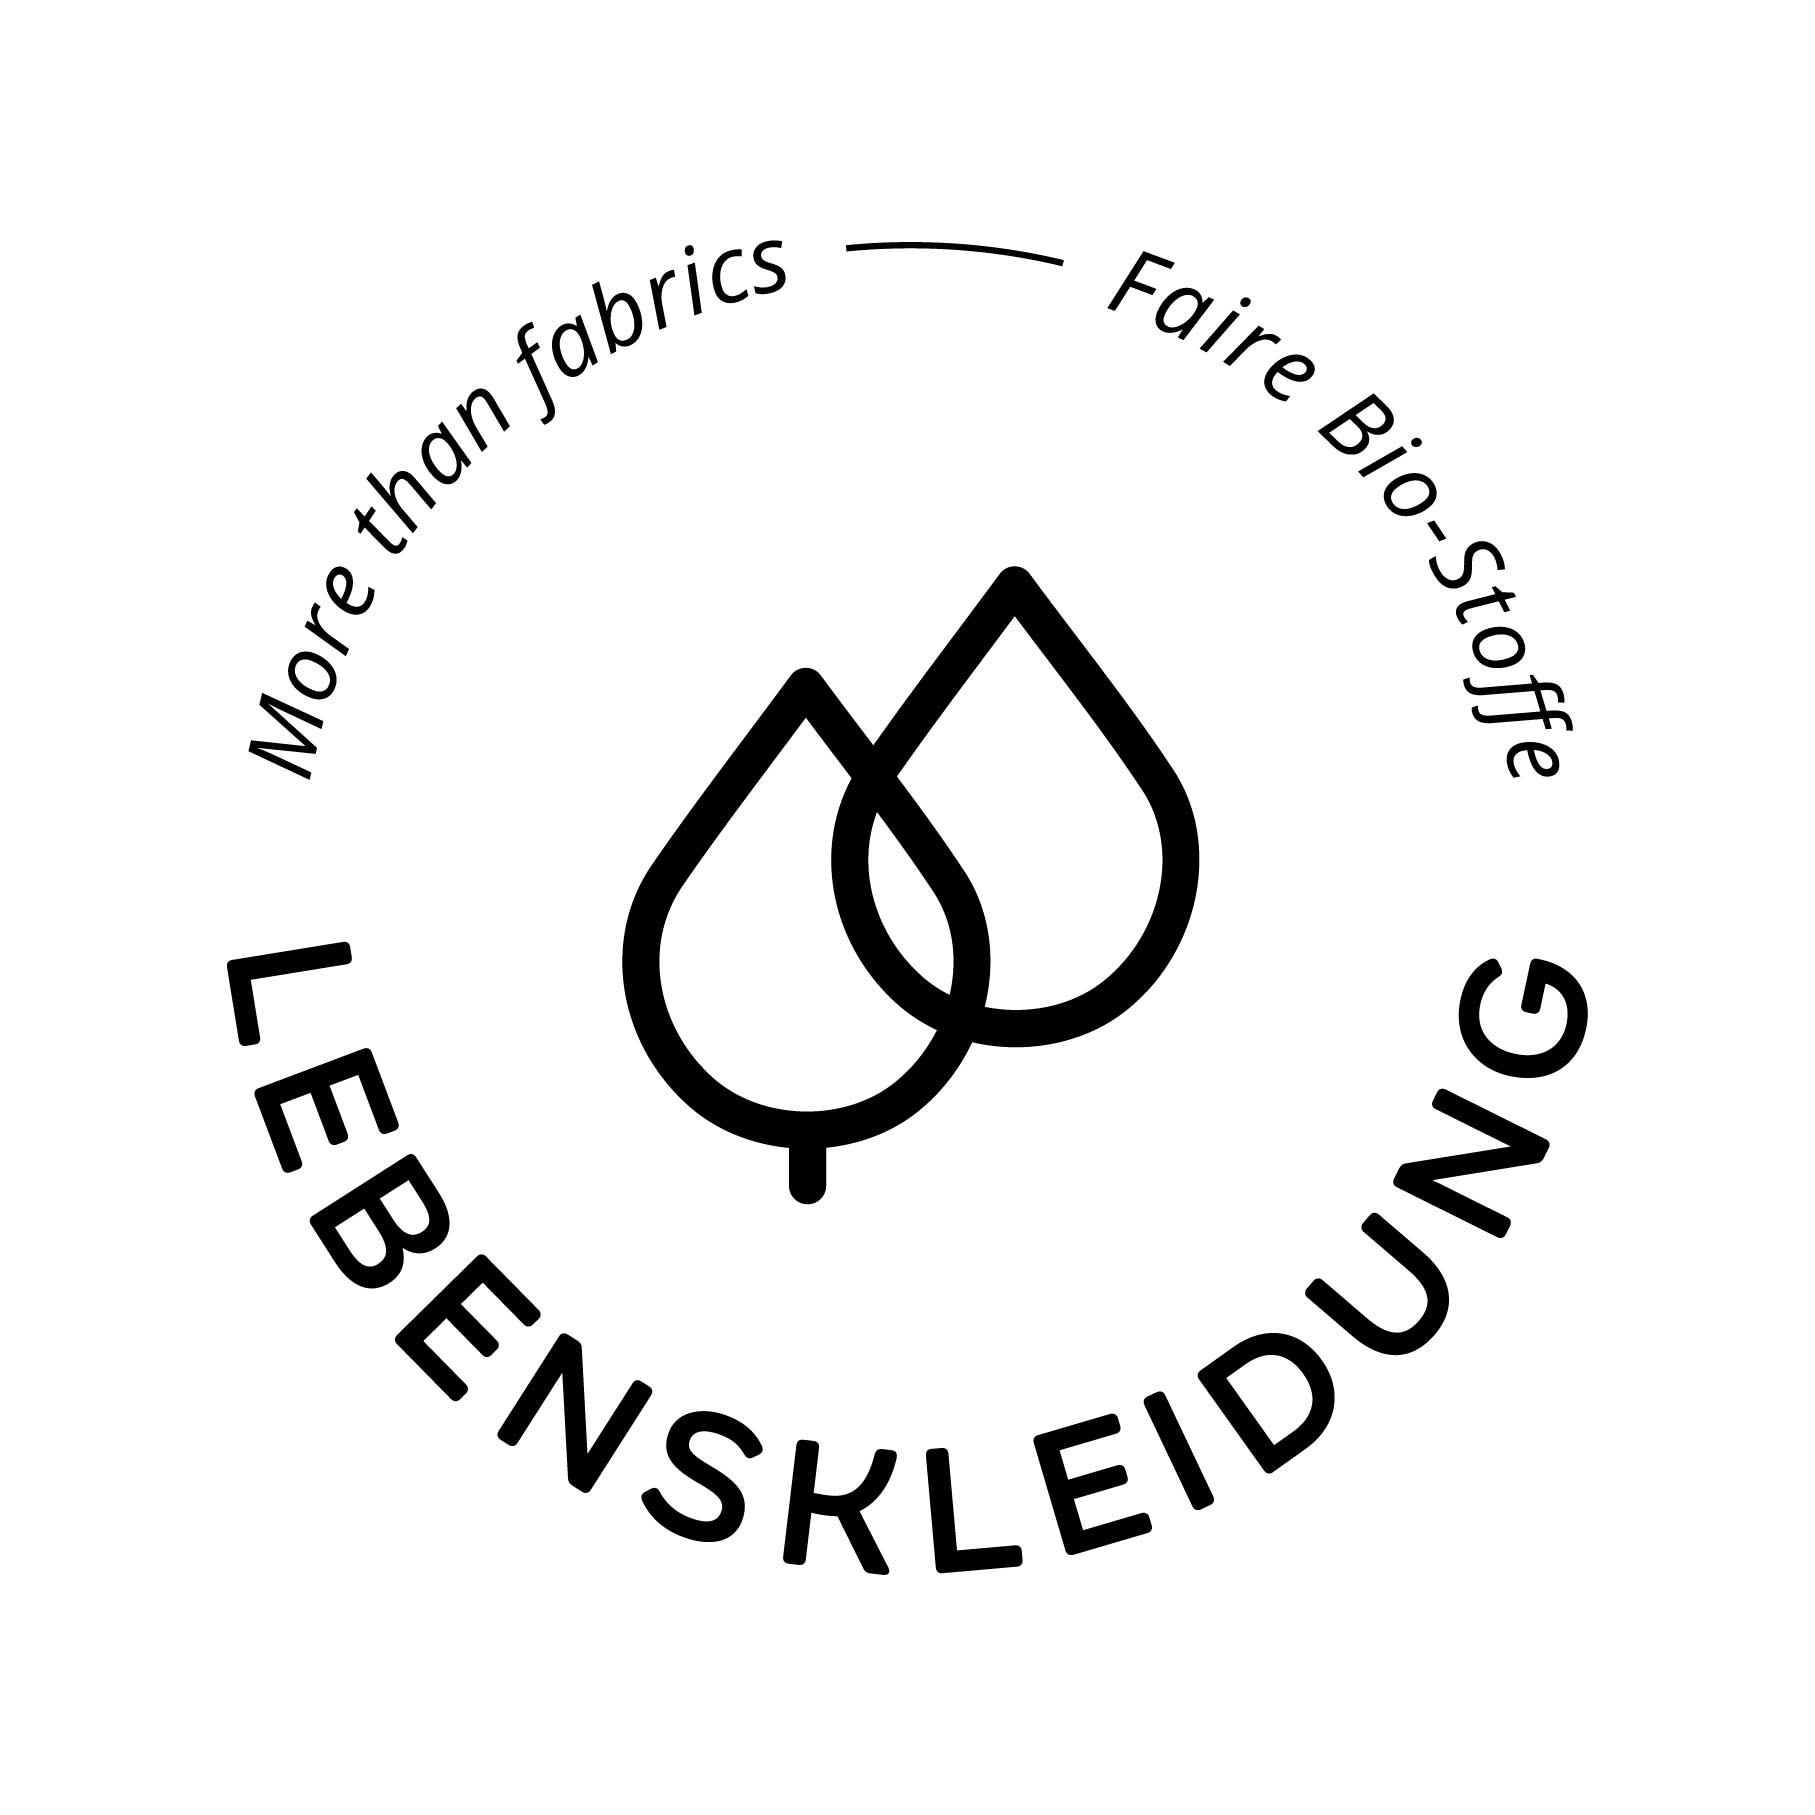 Stampa digitale di campioni di panoramica-2